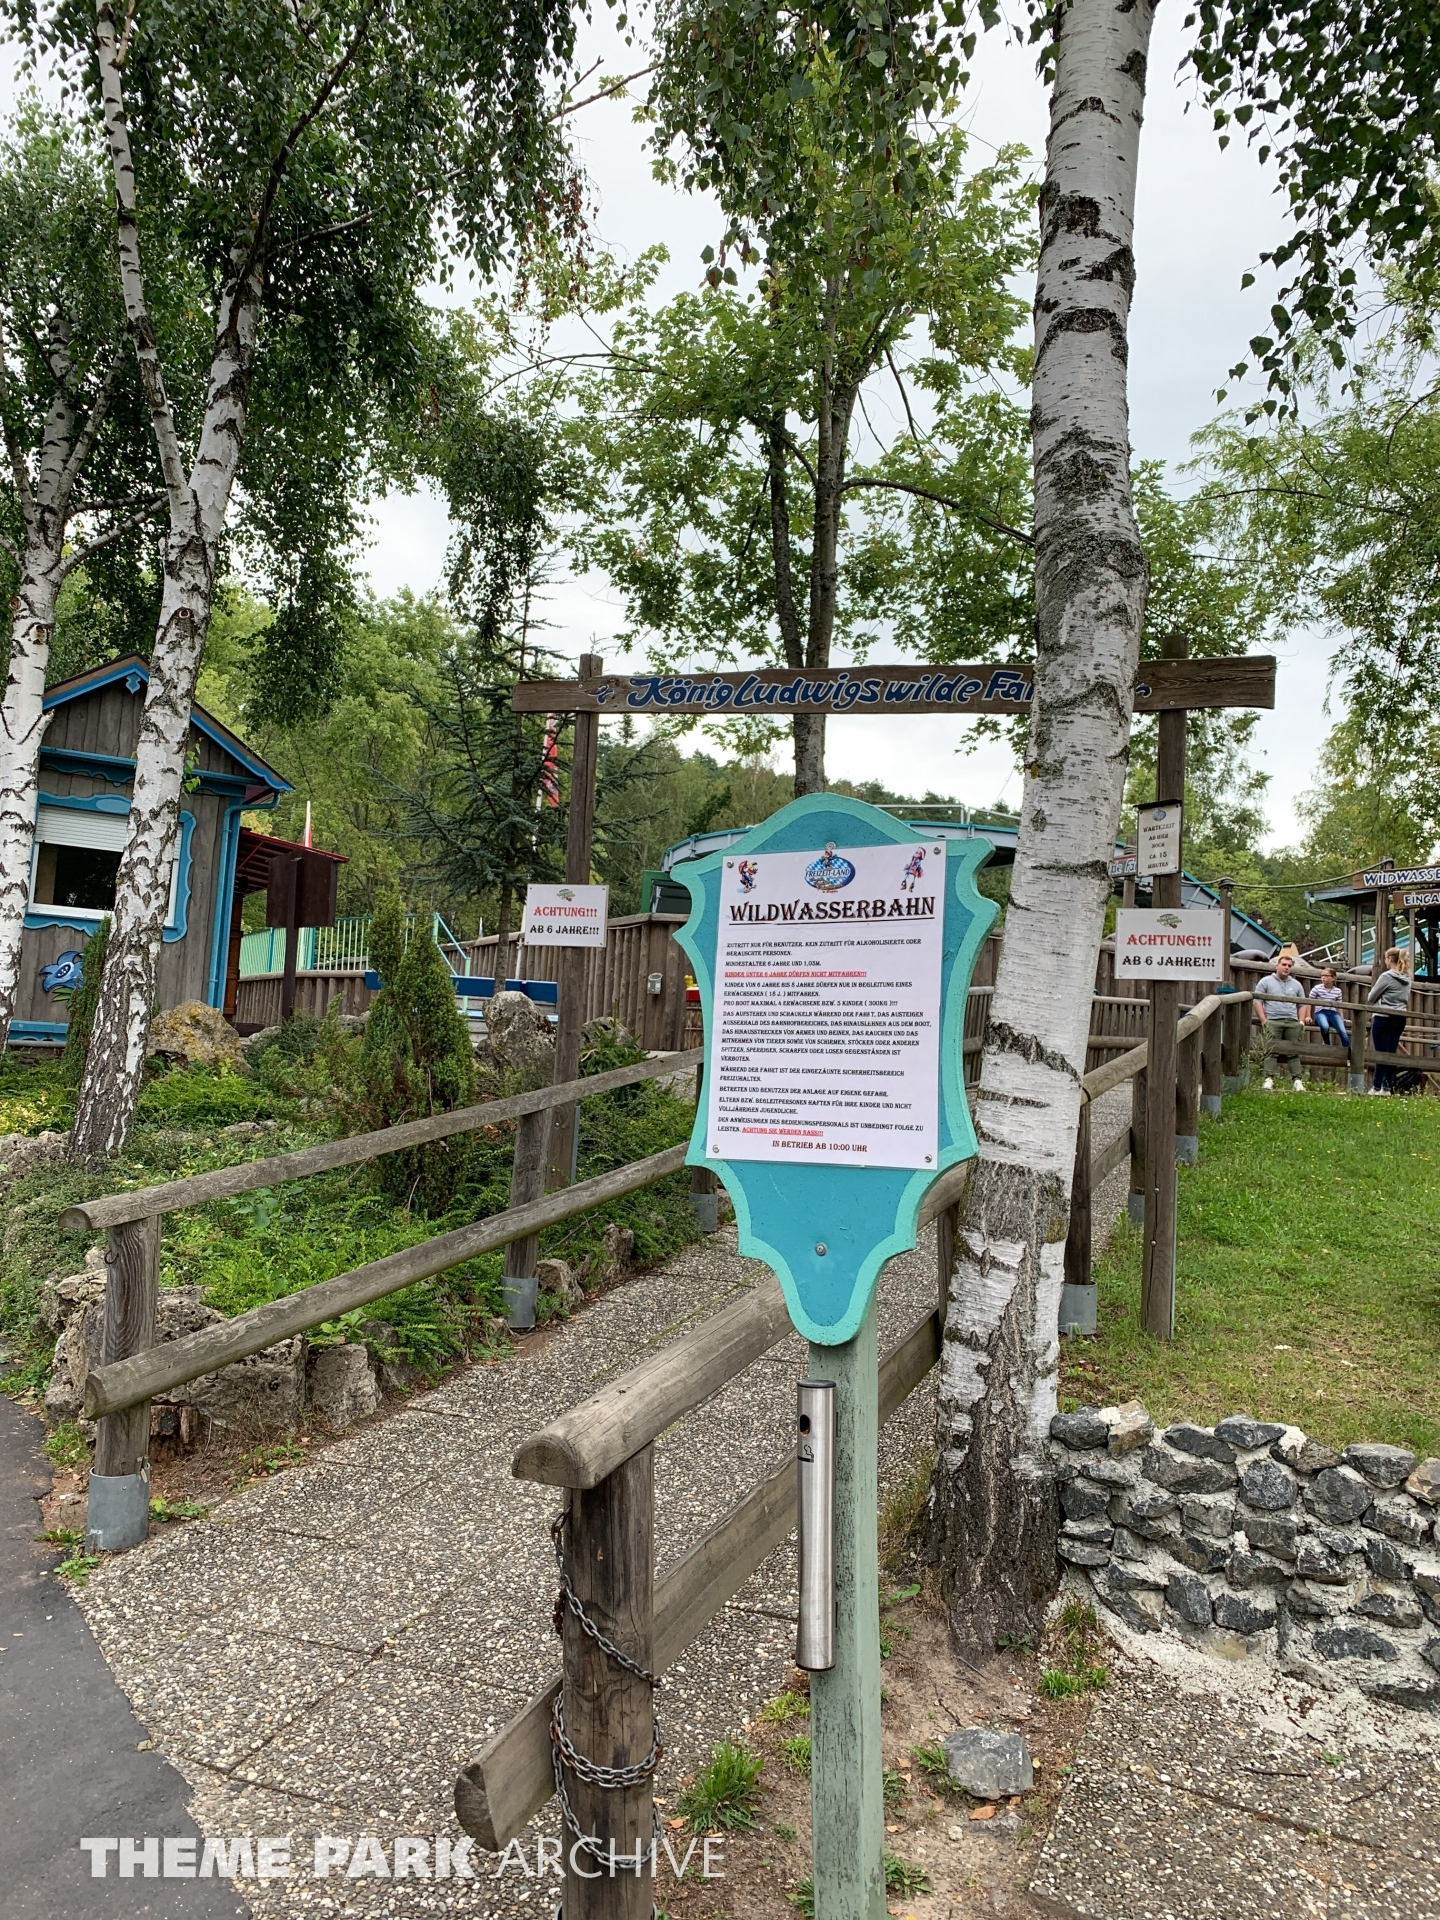 Wildwasserbahn at Freizeit Land Geiselwind